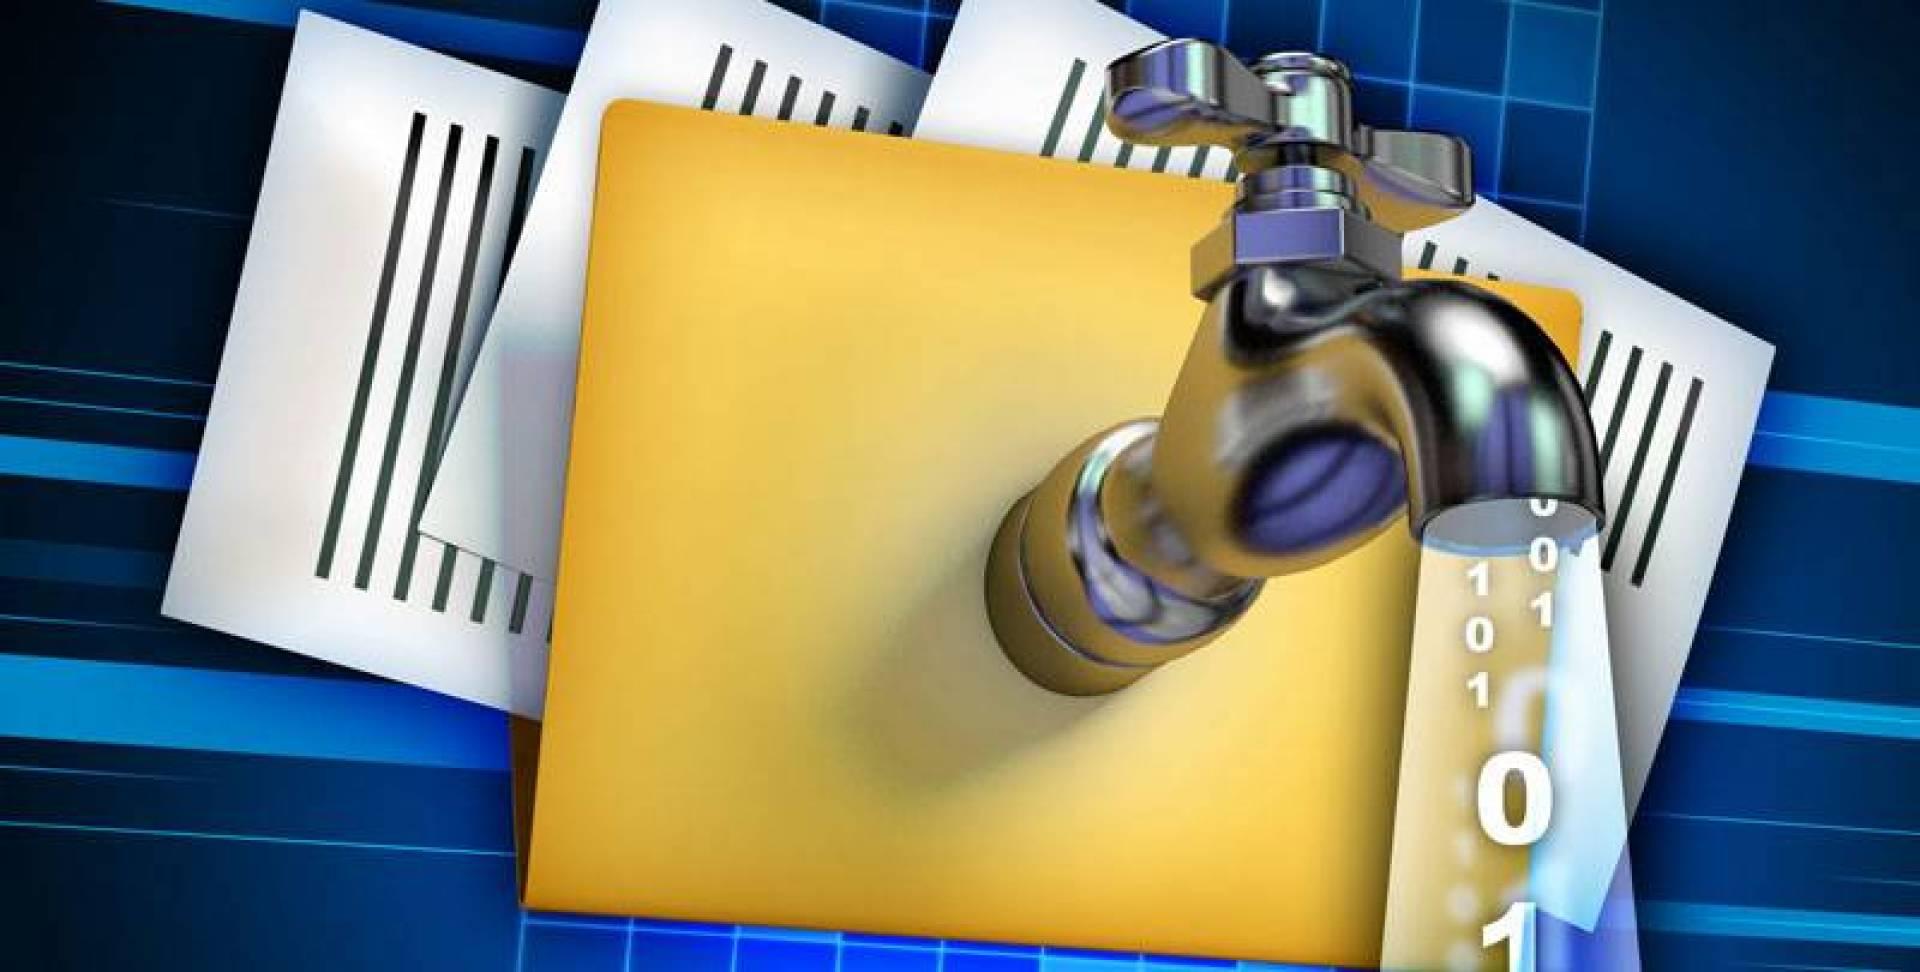 منصب حساس يسرِّب معلومات خطيرة إلى حسابات وهمية